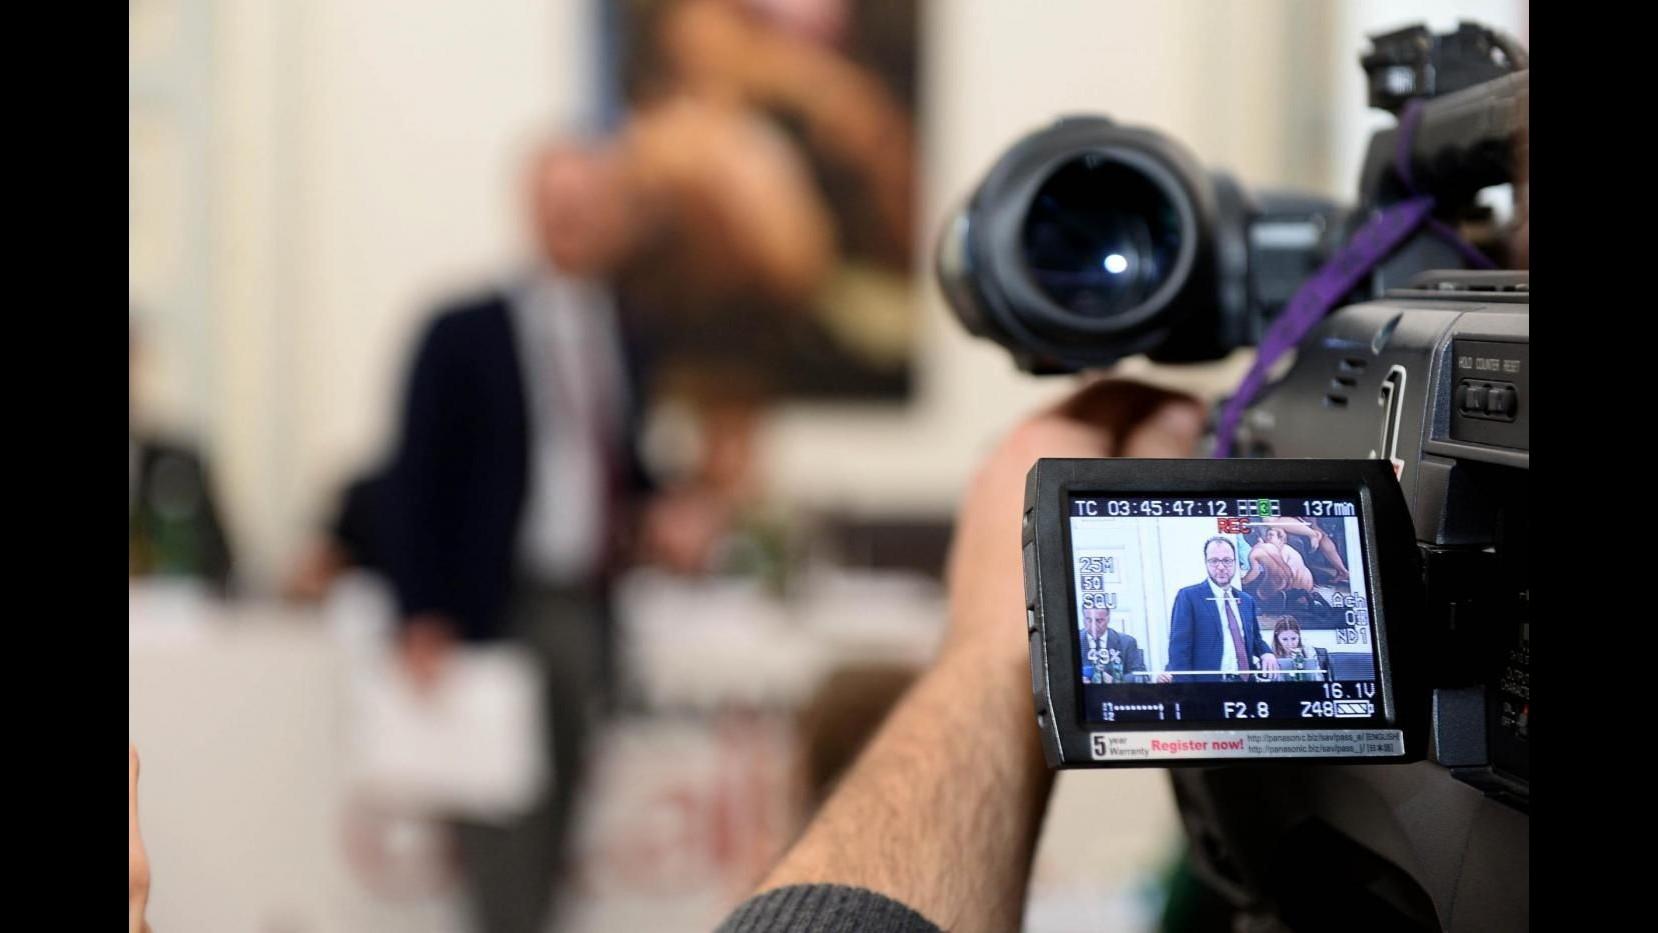 Censis: Innovazione e saggezza popolare stanno salvando l'Italia